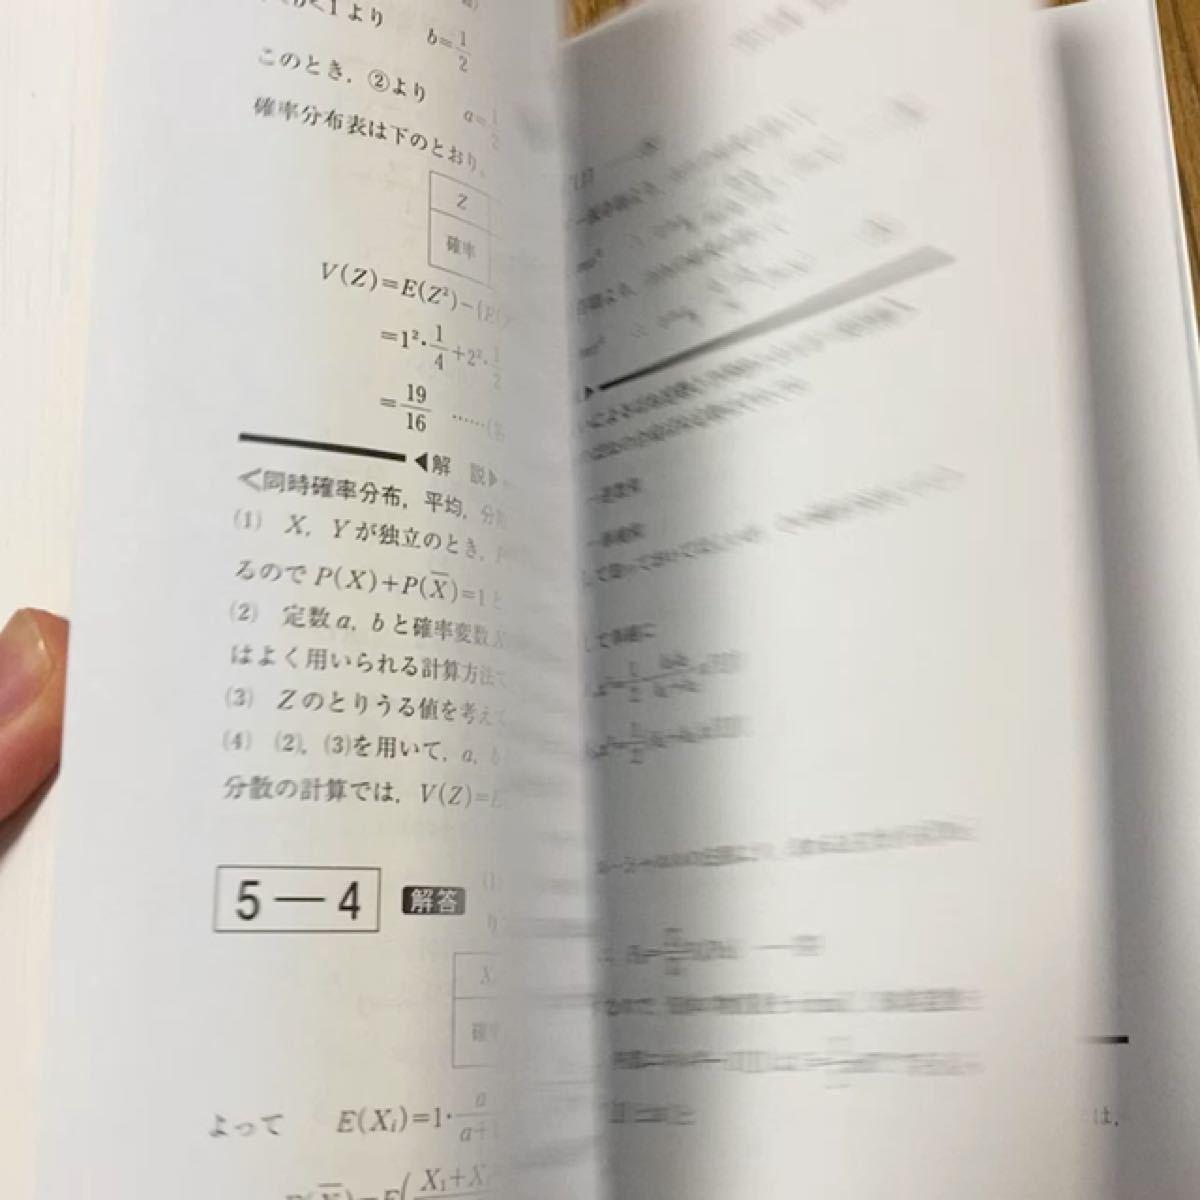 本/鹿児島大学 理系 理医歯工農水産共同獣医学部 2017年版